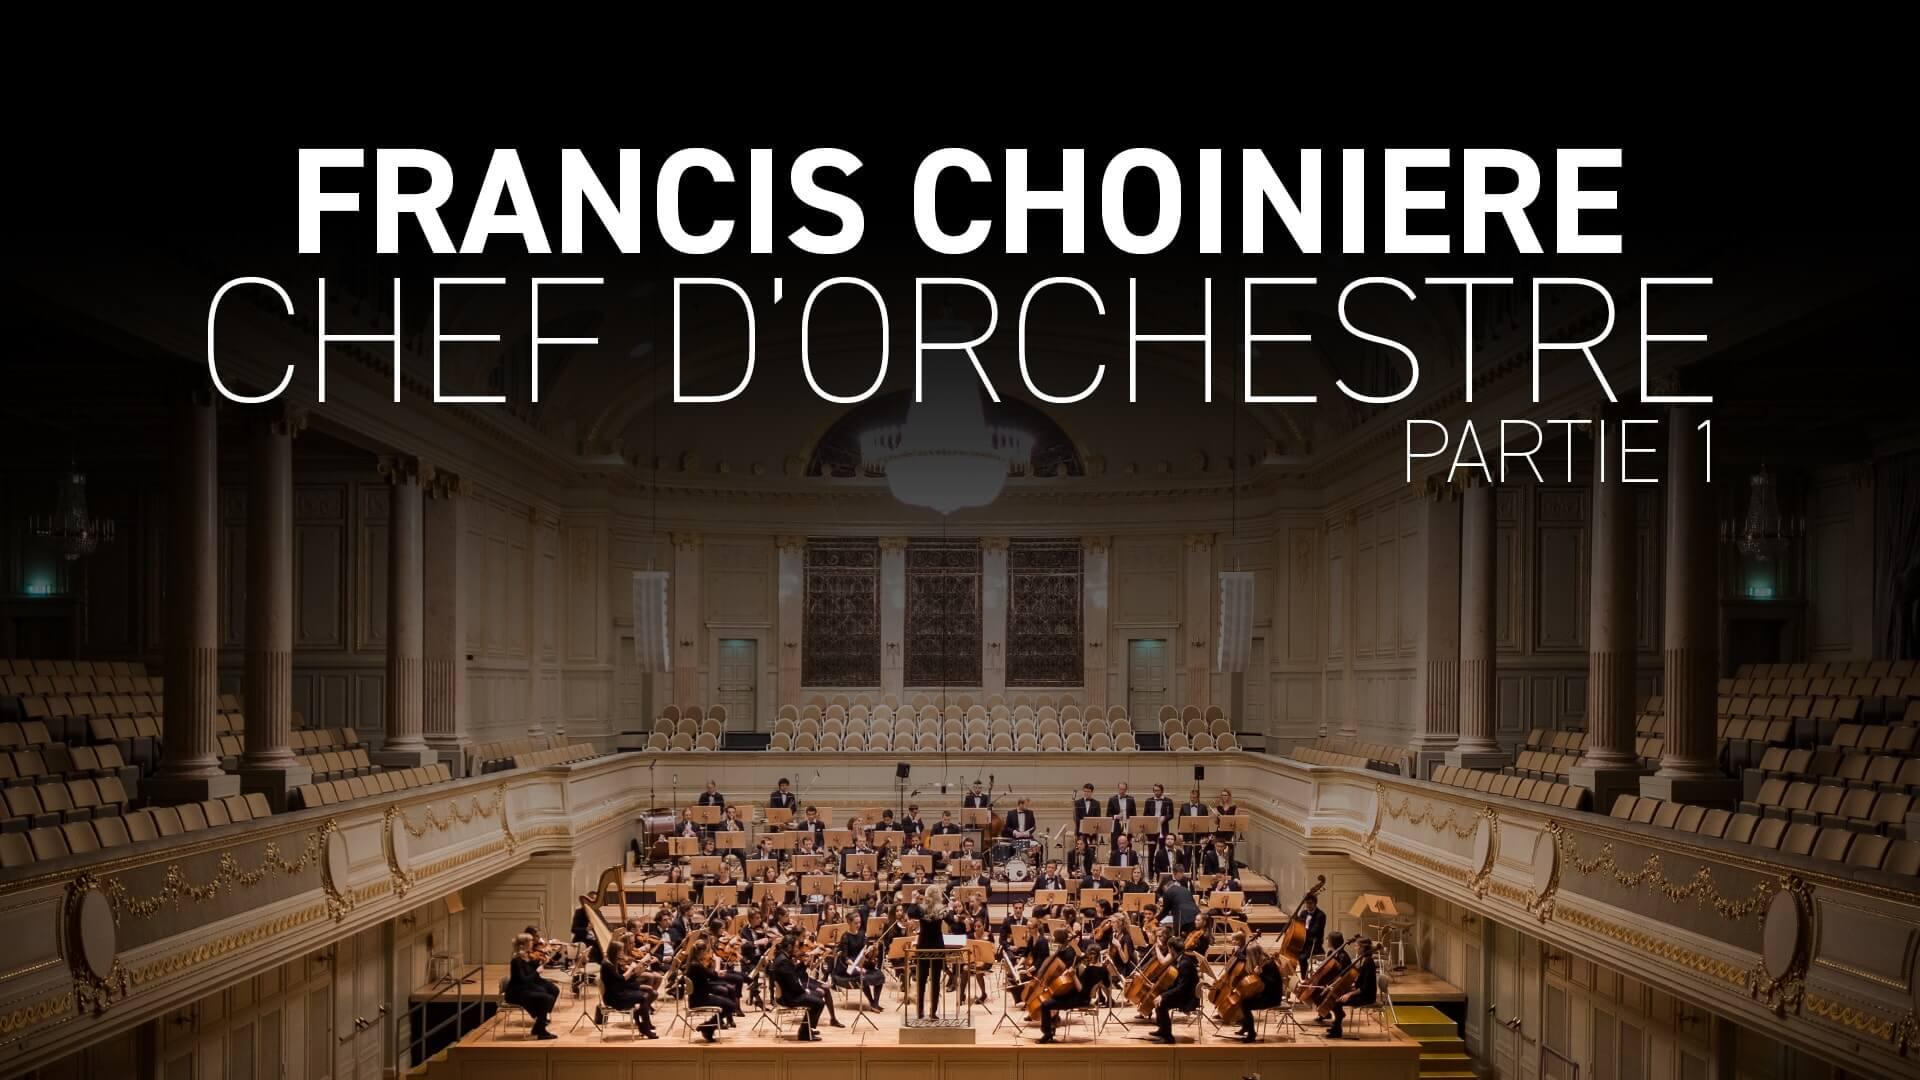 Chef d'orchestre, rencontre avec Francis Choiniere (Partie 1)